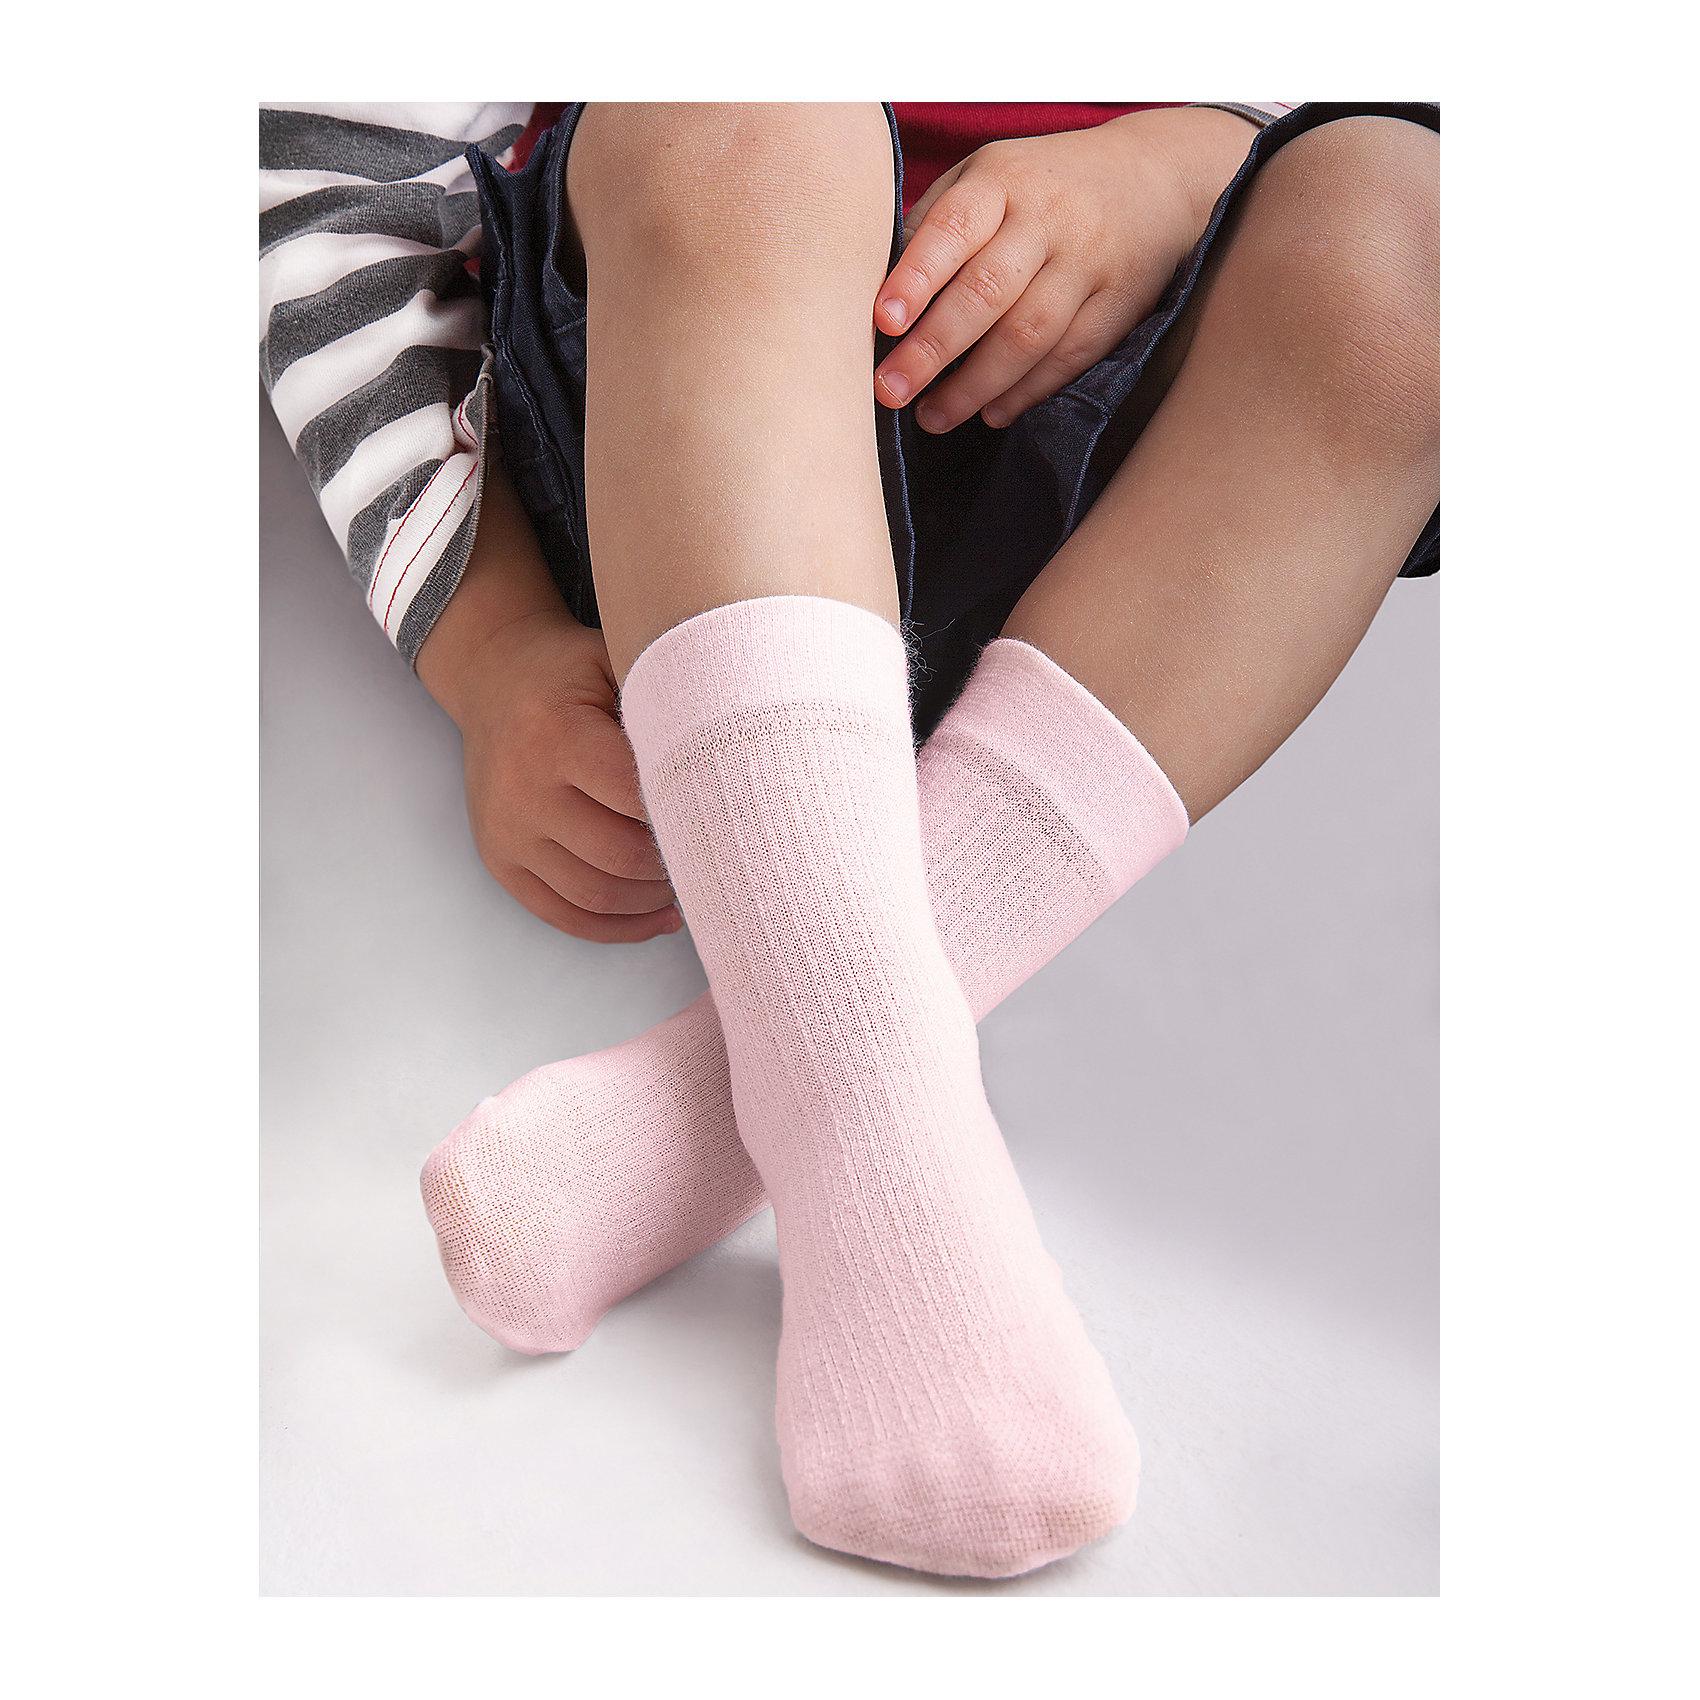 Носки для девочки KnittexНоски<br>Носки для девочки Knittex<br>Вискозные однотонные носки с продольным рельефным рисунком в виде мелкого рубчика. Плотные, мягкие и приятные на ощупь. Широкая резинка, не сдавливающая ногу. <br>Состав:<br>вискоза 65%,                                  полиамид 31%, эластан 4%<br><br>Ширина мм: 87<br>Глубина мм: 10<br>Высота мм: 105<br>Вес г: 115<br>Цвет: нежно-розовый<br>Возраст от месяцев: 12<br>Возраст до месяцев: 18<br>Пол: Женский<br>Возраст: Детский<br>Размер: 15-17,18-20<br>SKU: 6837357